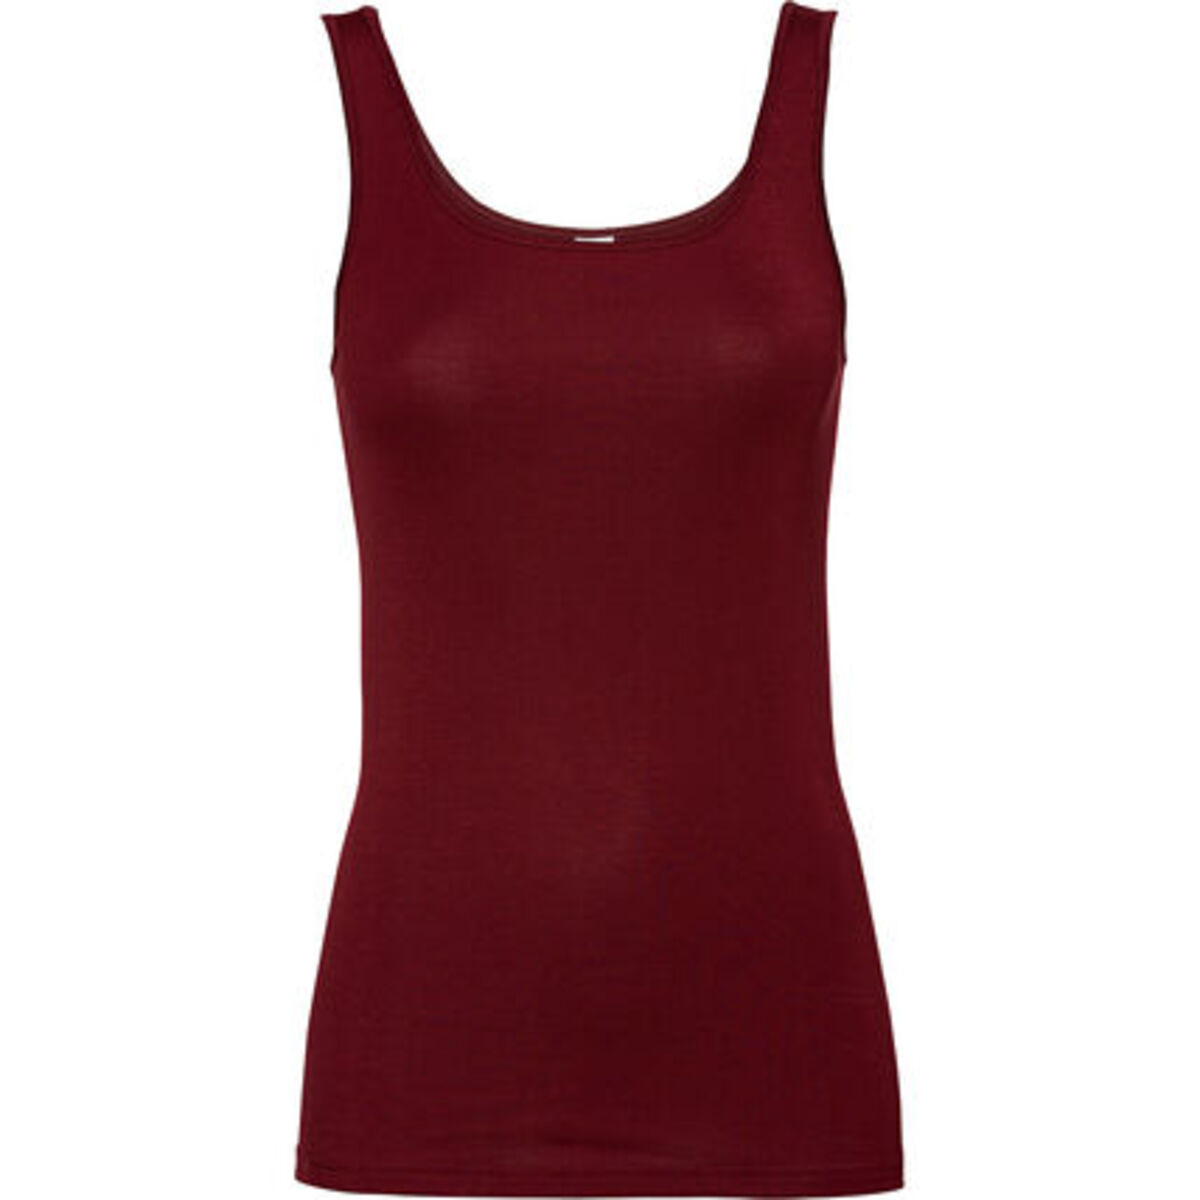 Bild 2 von Speidel Achselhemd, 2er-Pack, unifarben, für Damen